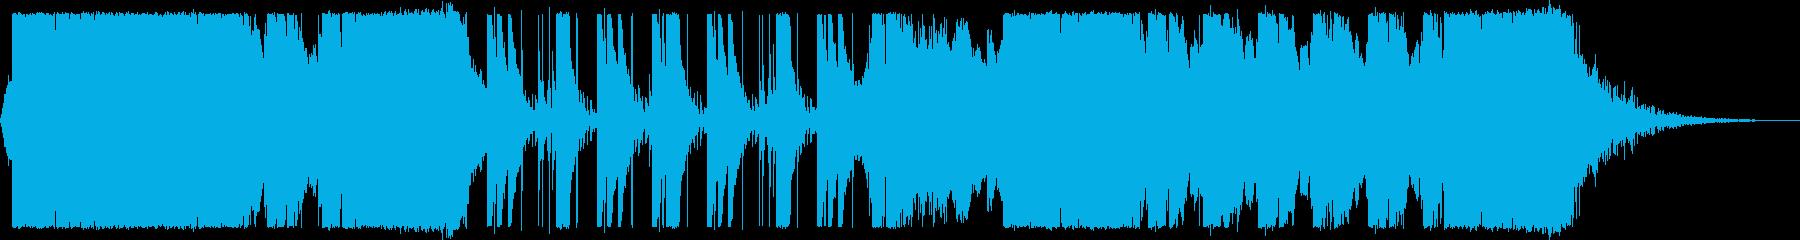 激しく緊迫感のあるバトルシーン系BGMの再生済みの波形